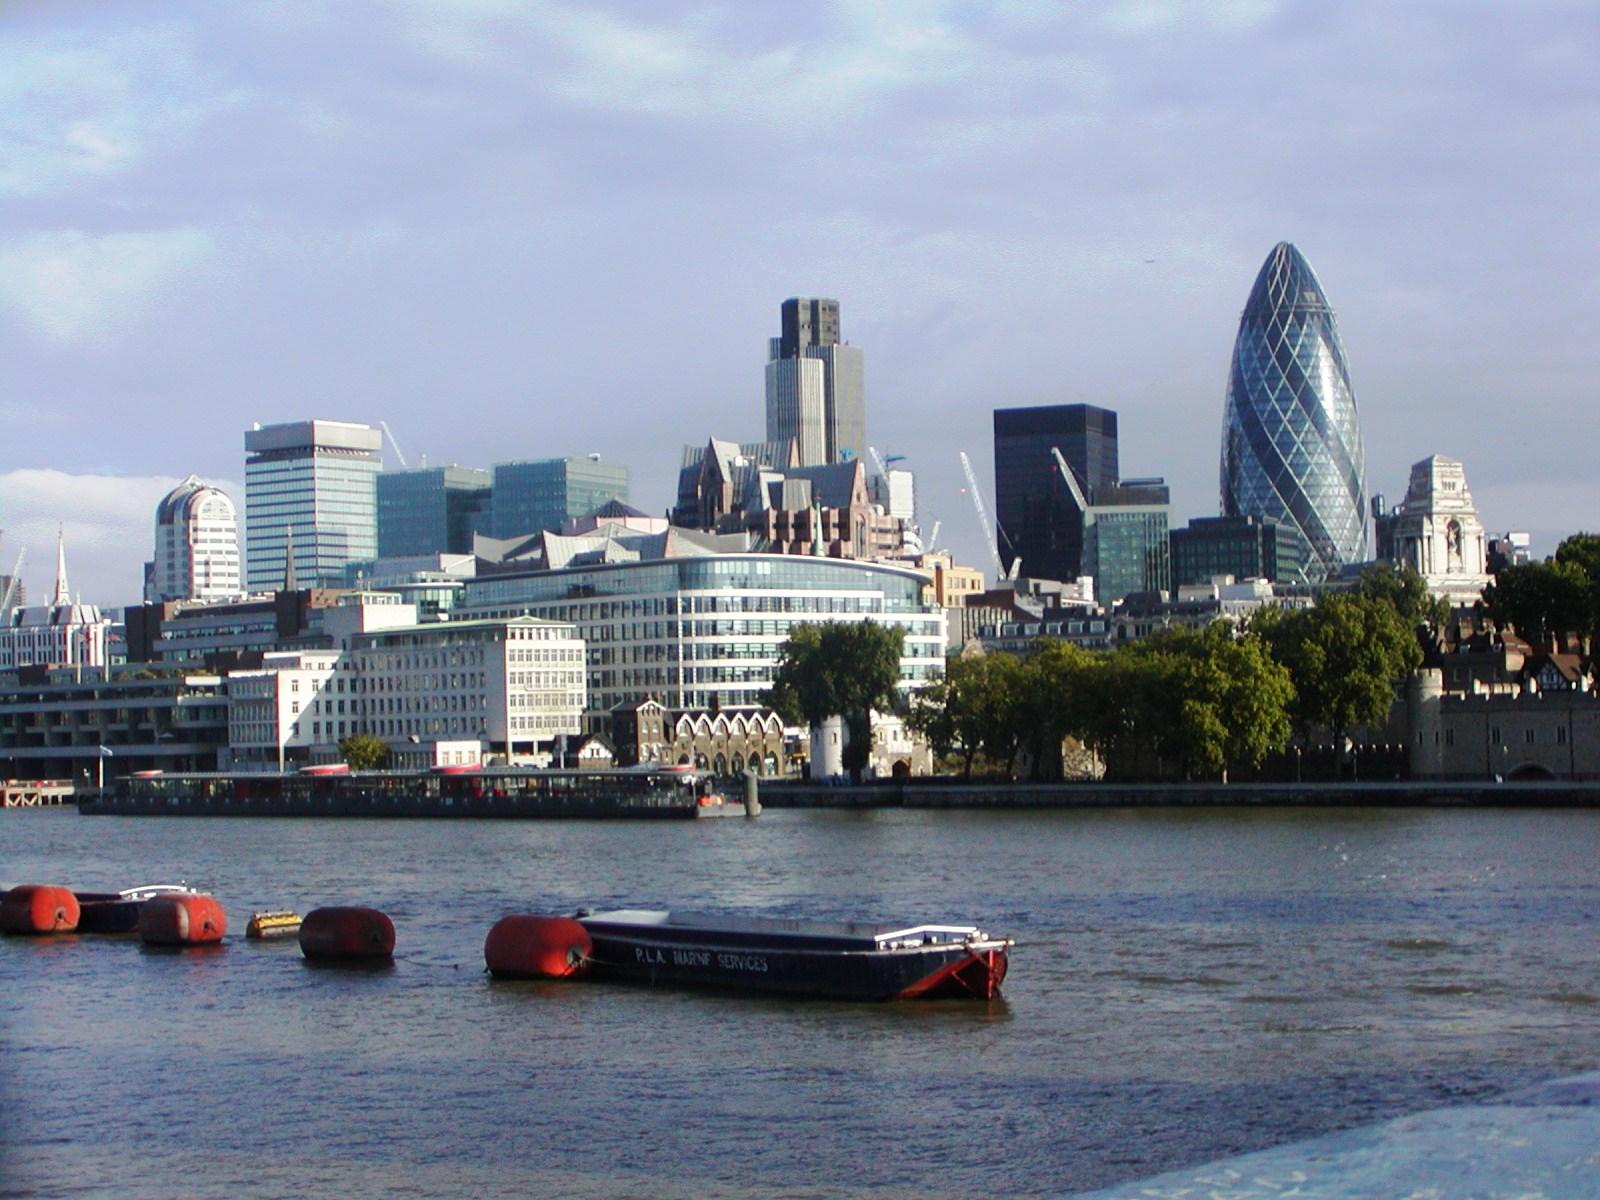 Velká Británie - Anglie - Londýn není jen klasika, ale i moderní stavby nad Temží